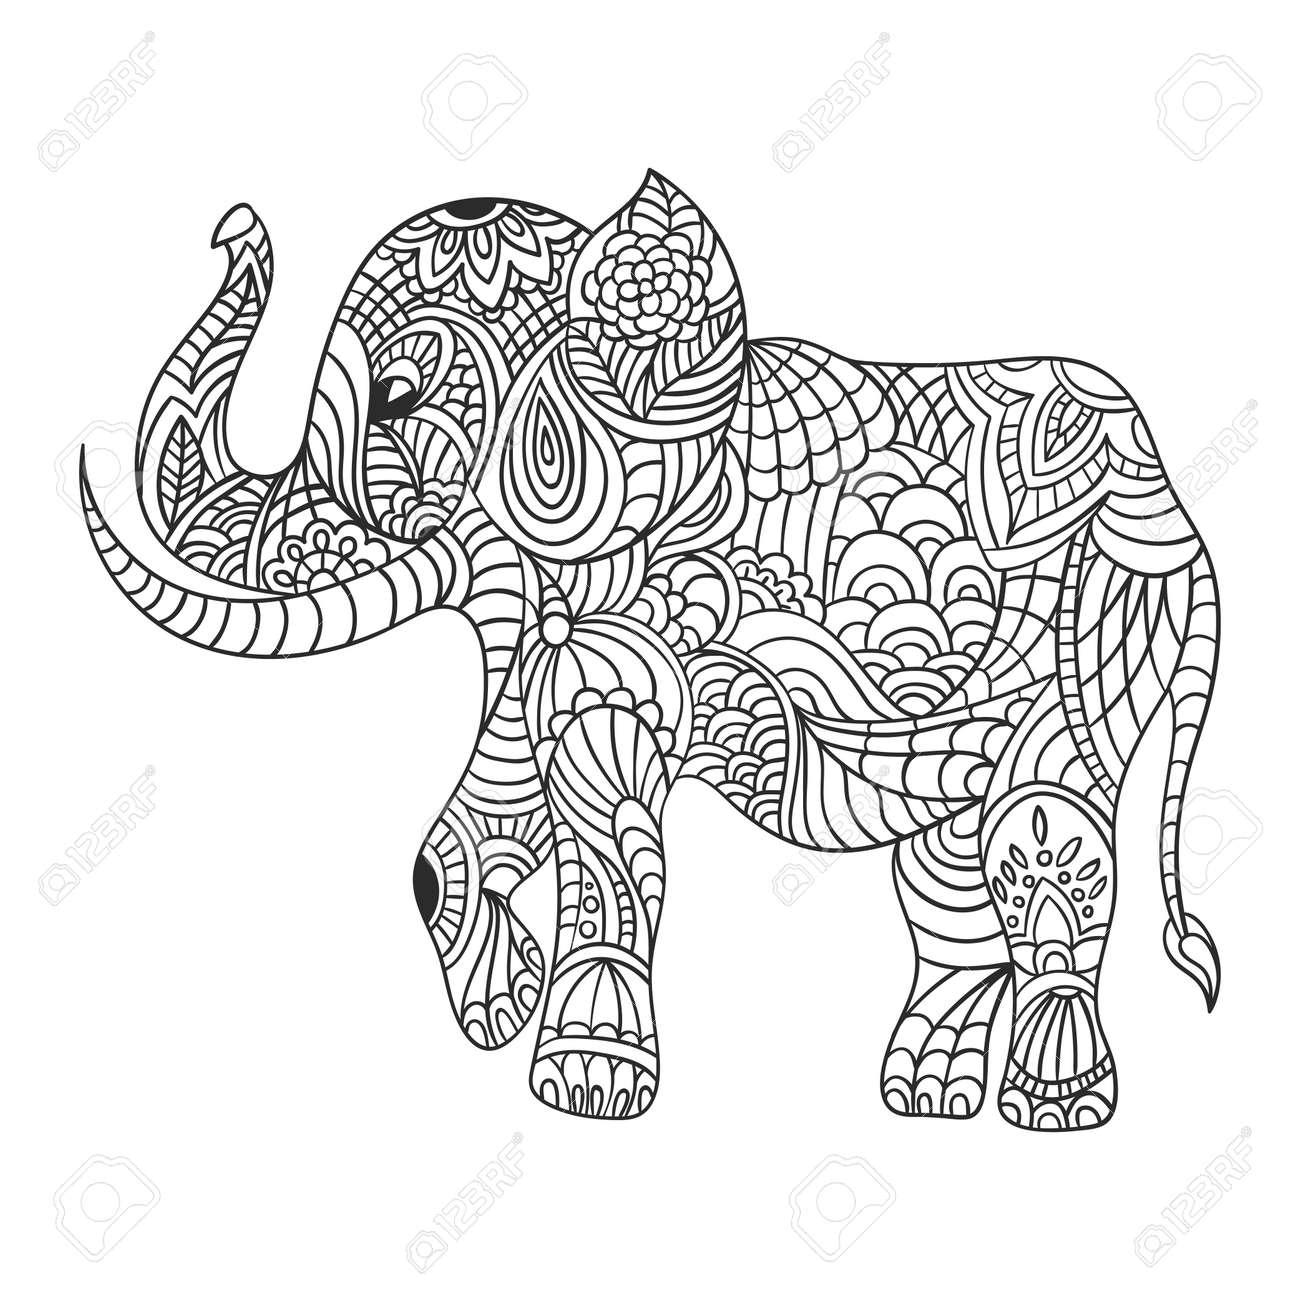 Banque d images - Vecteur monochrome tiré par la main illustration zentagle  d un éléphant. Coloriage avec des détails élevés isolé sur fond blanc. le  style ... 357e7f4f0b1